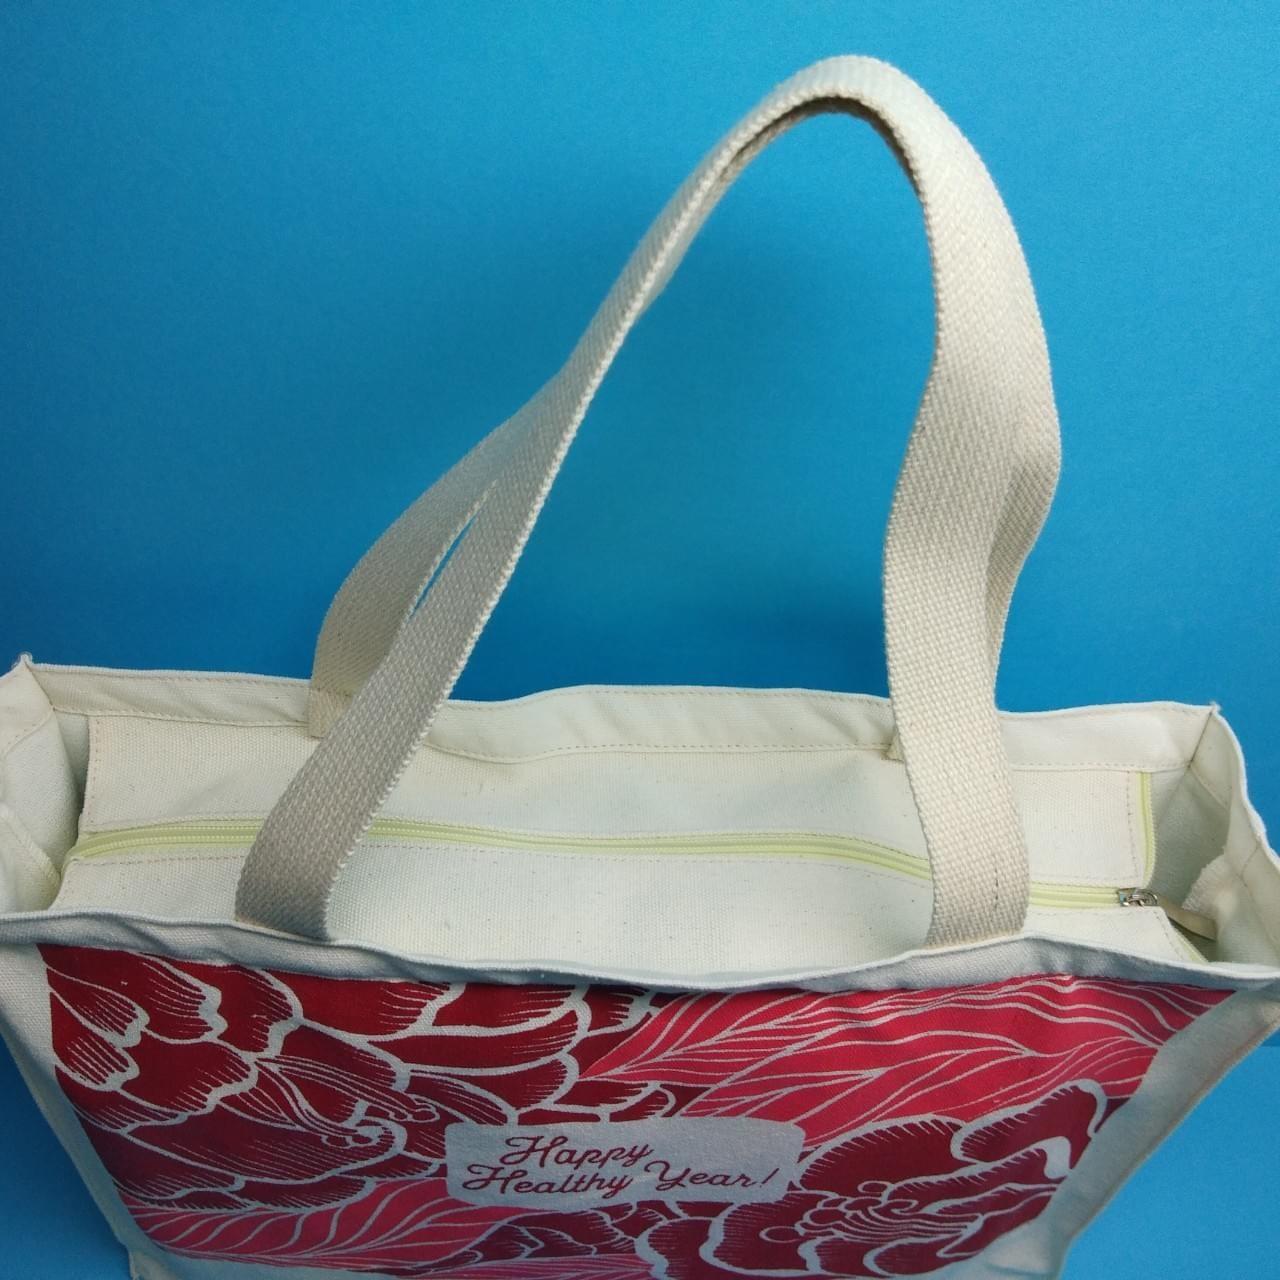 Túi với chất liệu vải canvas, ngăn đựng rộng, khóa kéo kín đáo, bạn sẽ thấy gọn gàng hơn với sức chứa vừa vặn của túi